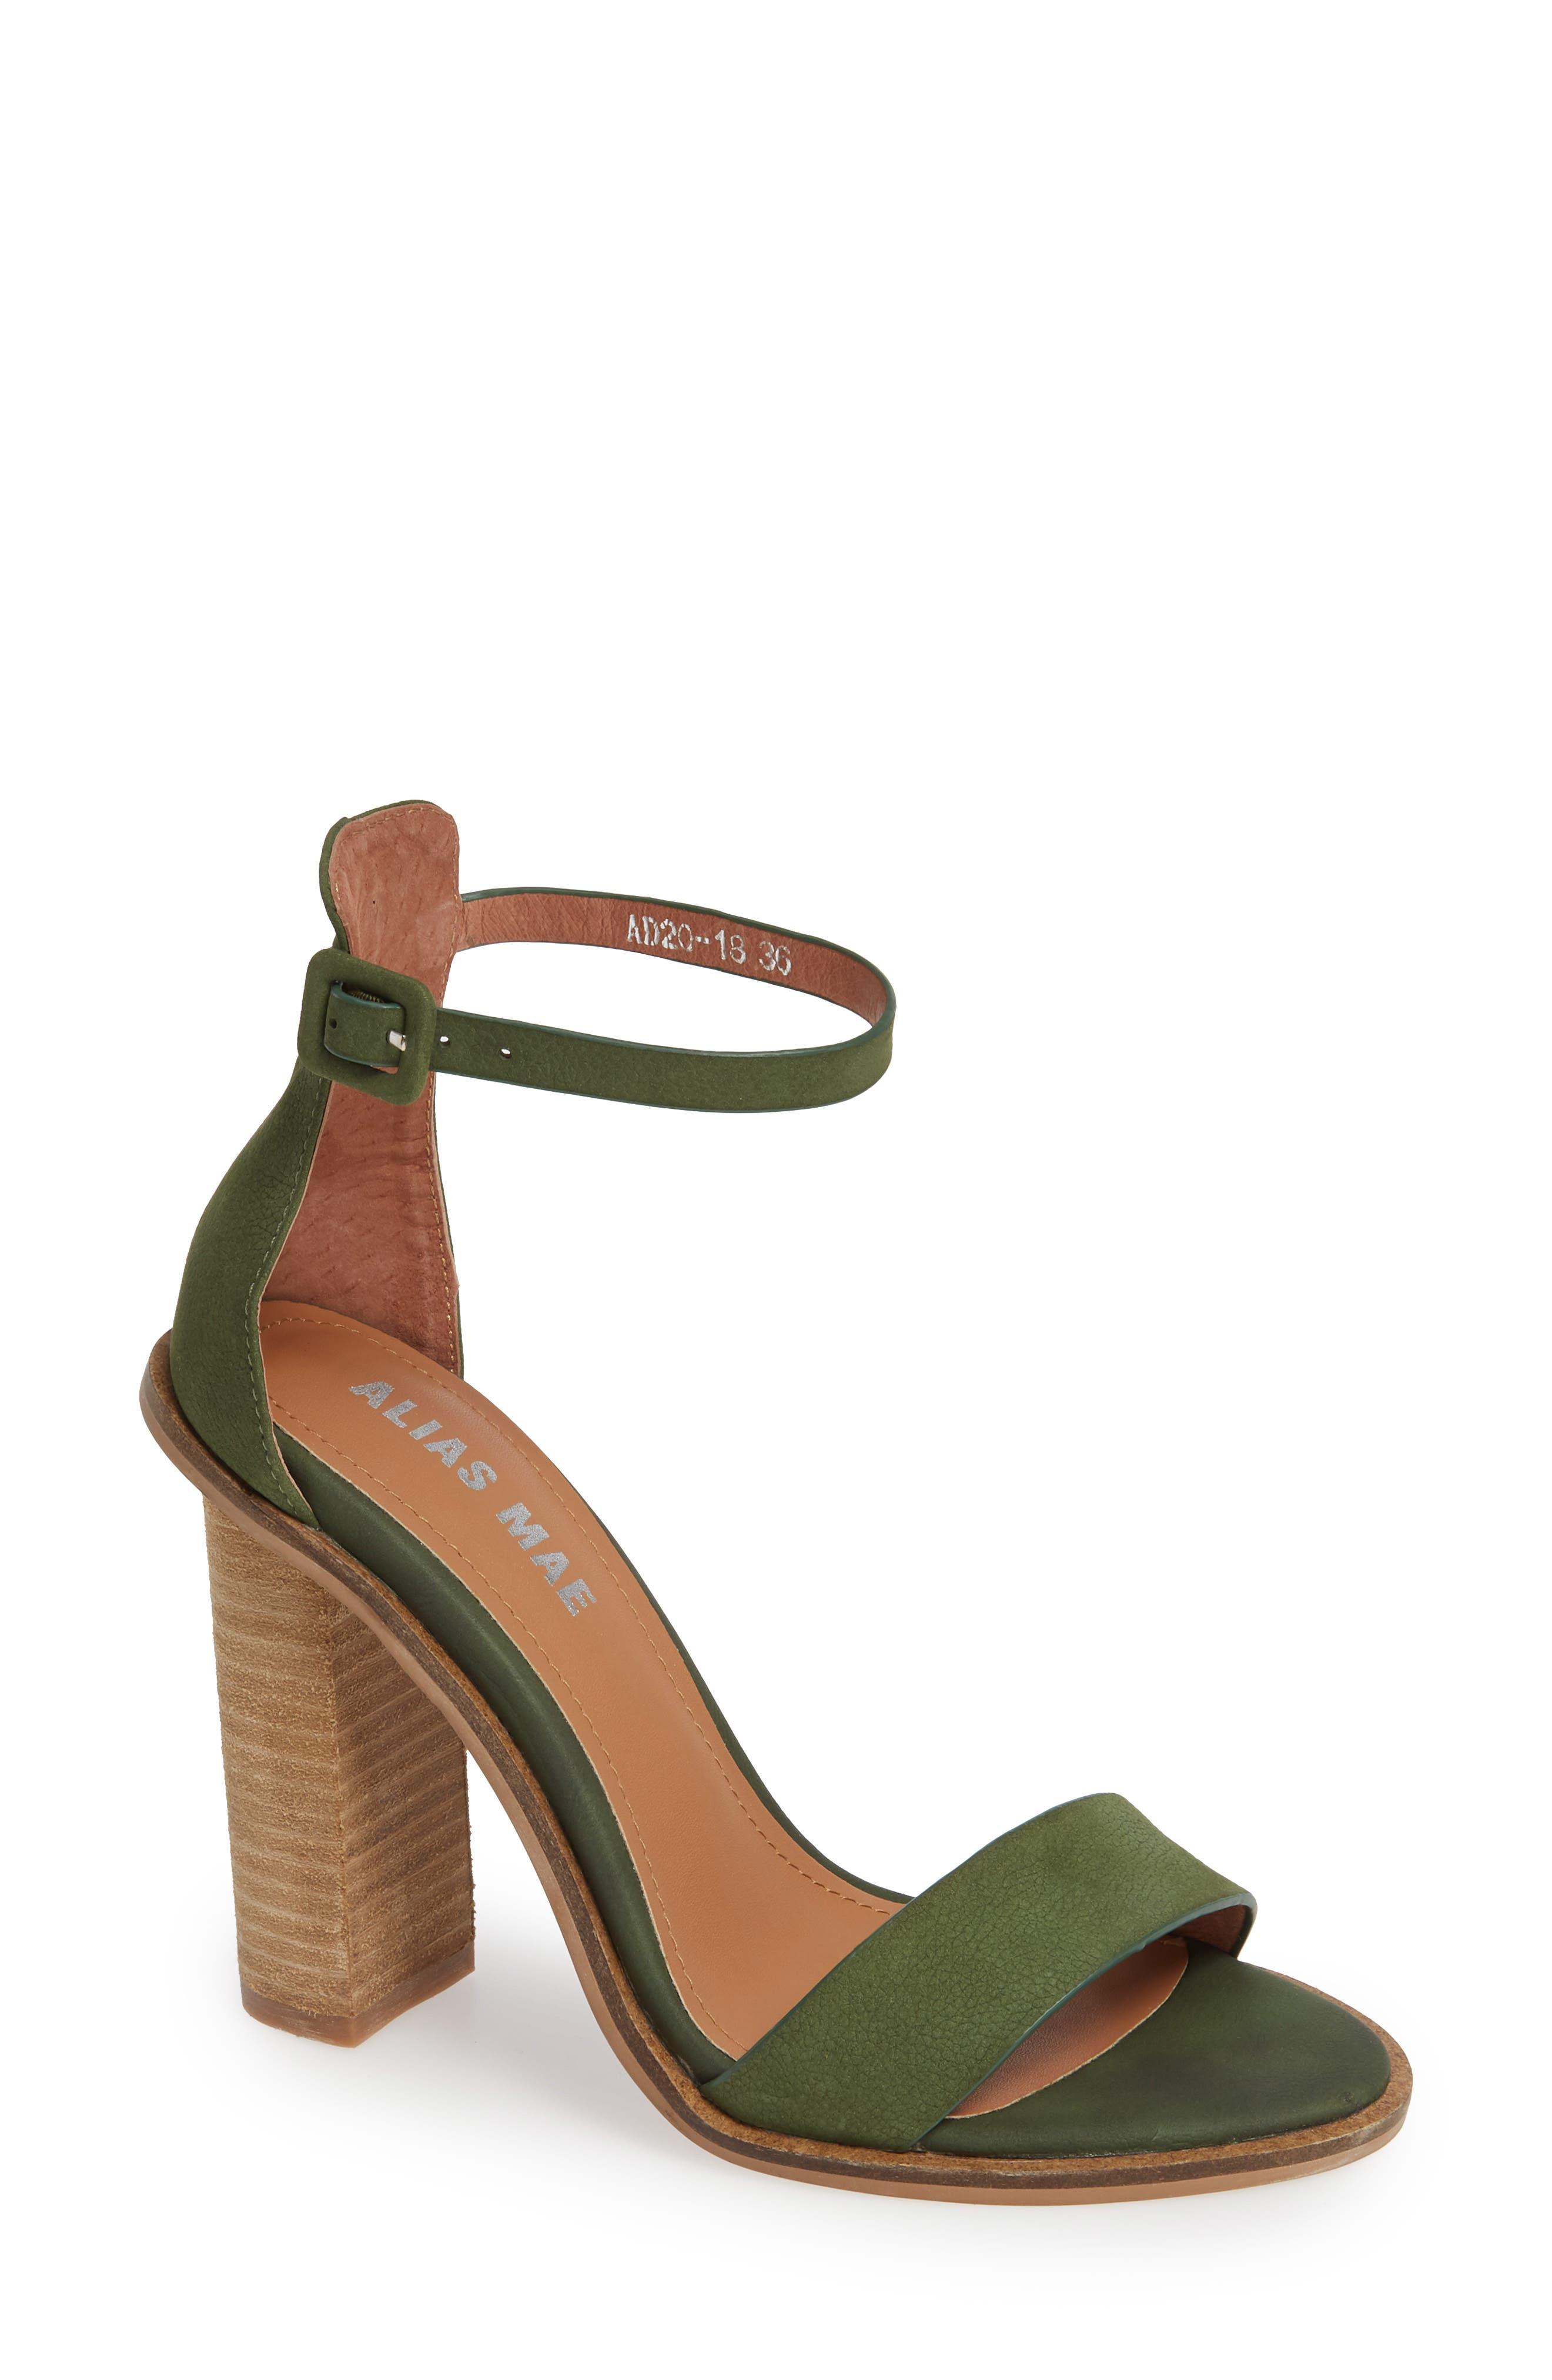 ALIAS MAE Addax Sandal in Moss Leather